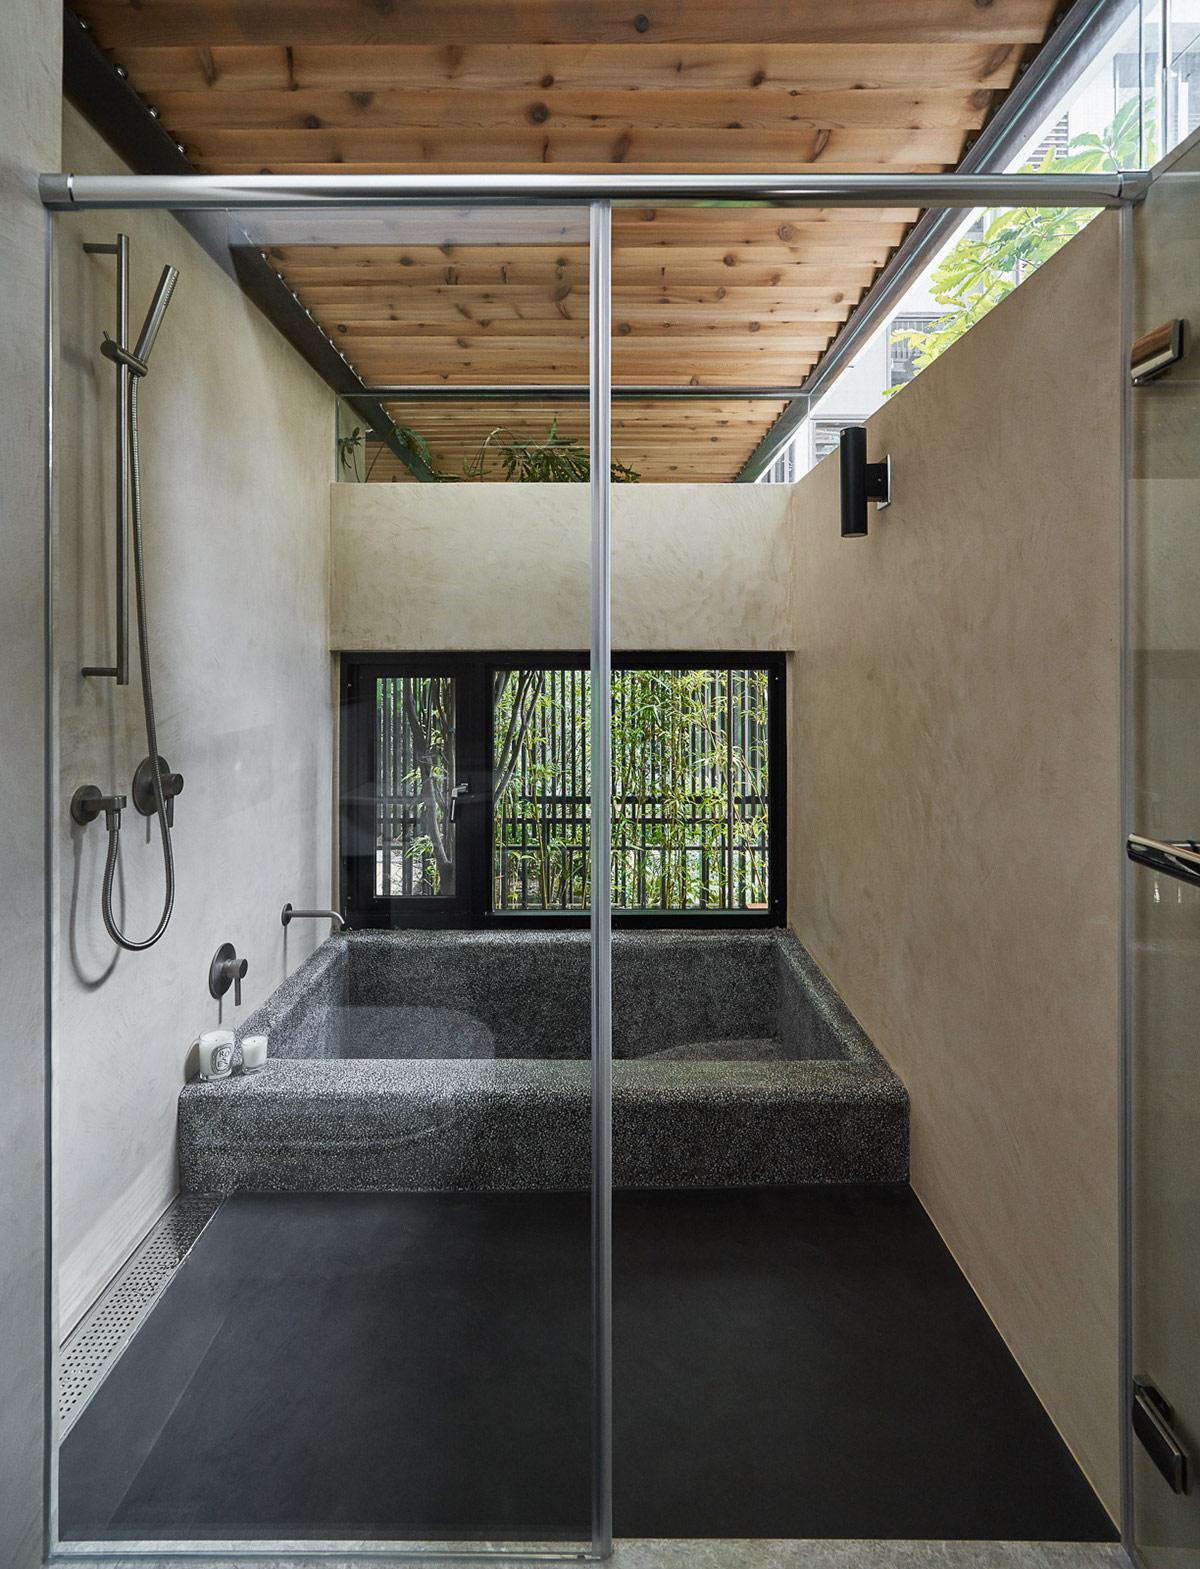 hình phòng tắm trong ngôi nhà Nhật với bồn tắm chìm, cửa kính trong suốt, dầm gỗ